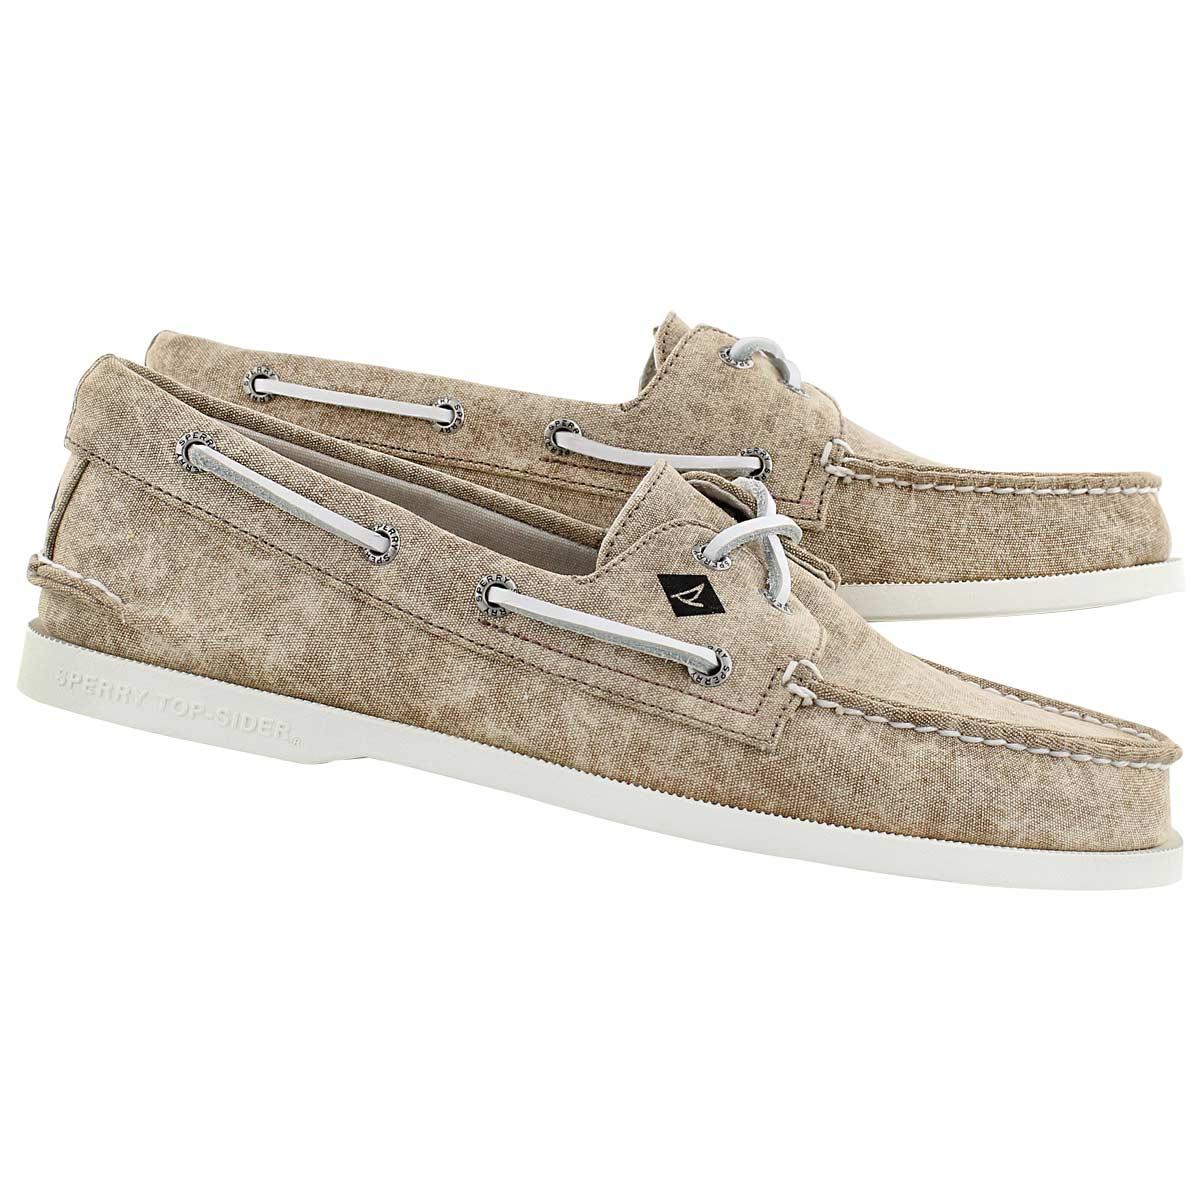 Mns A/O 2-Eye White Cap tan boat shoe